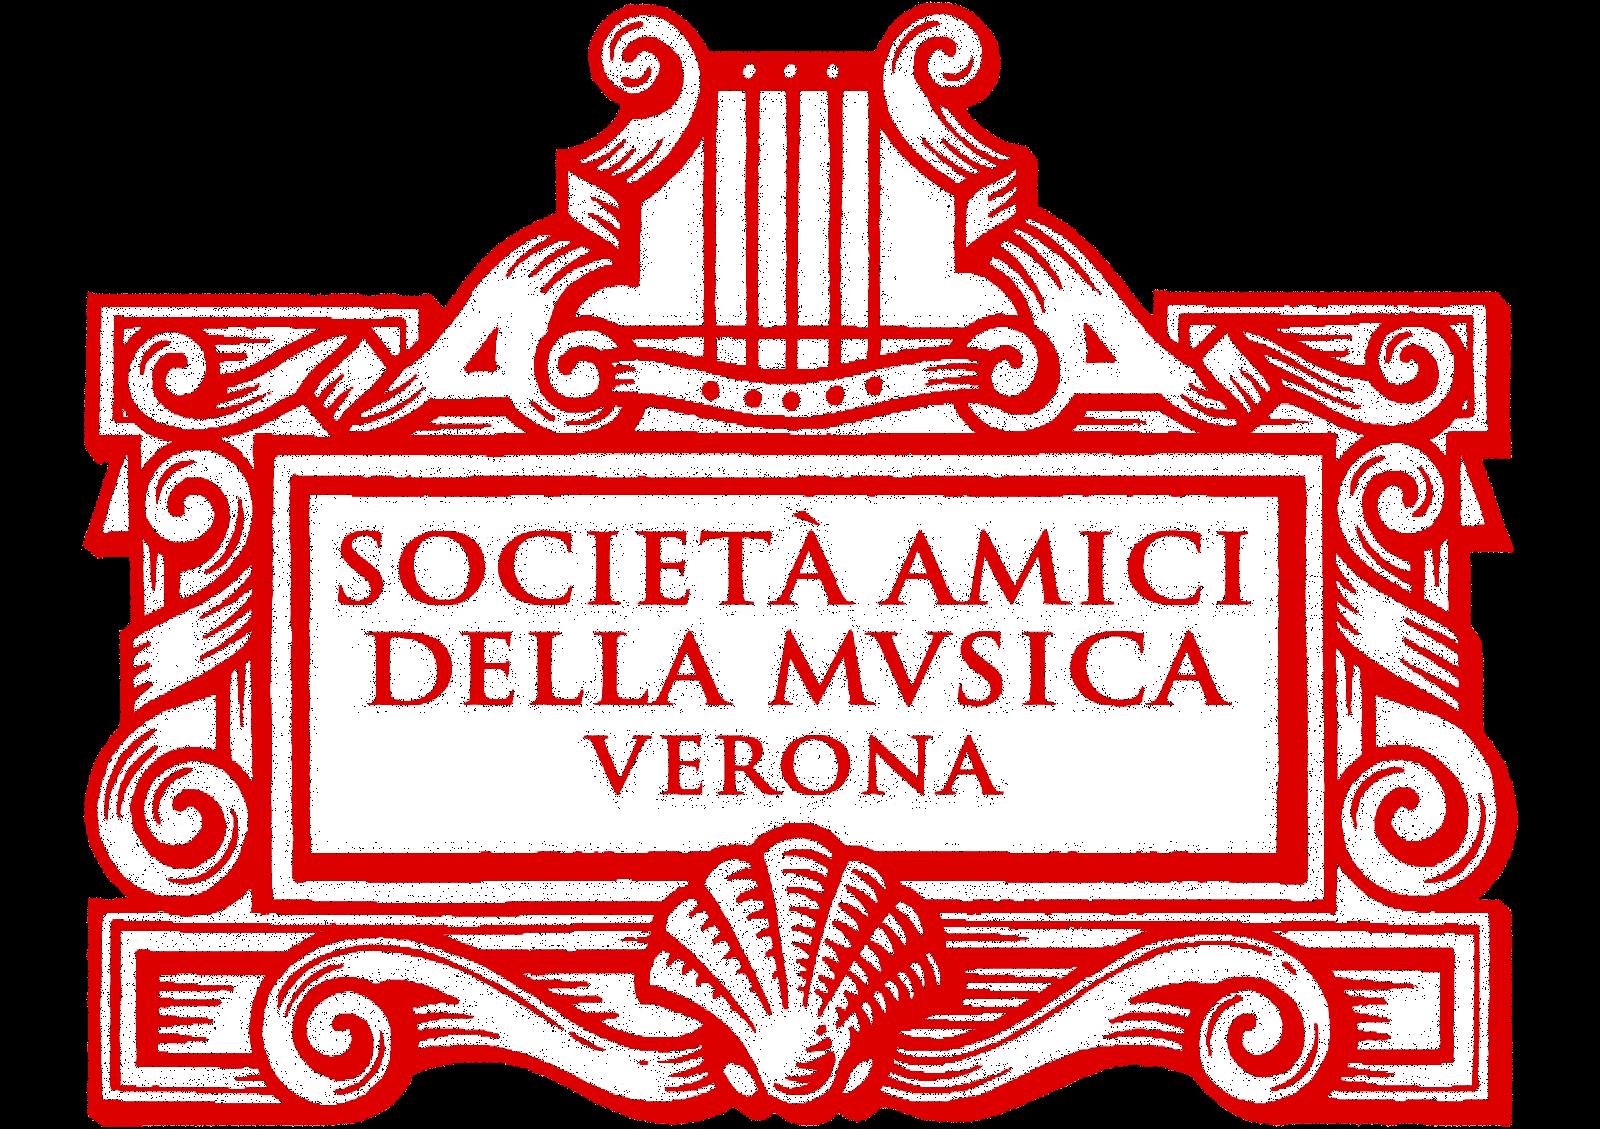 Società Amici della Musica Verona